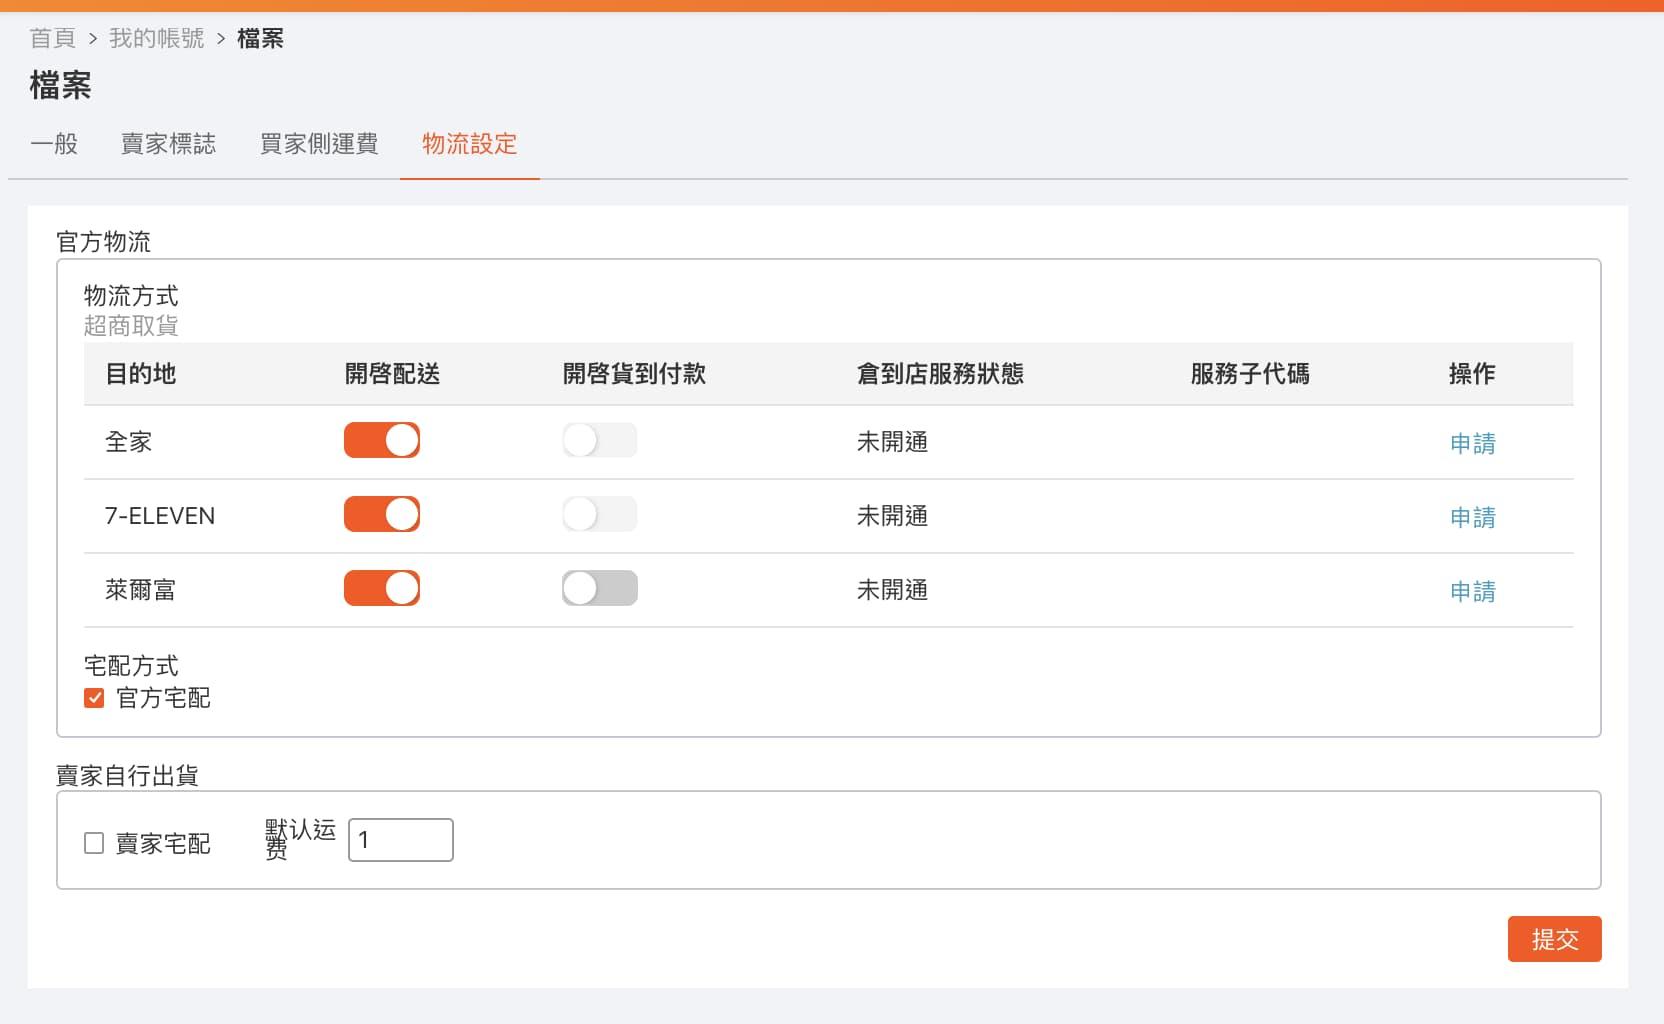 淘寶台灣賣家攻略:註冊開店、商品上架、優惠折扣、收款流程教學